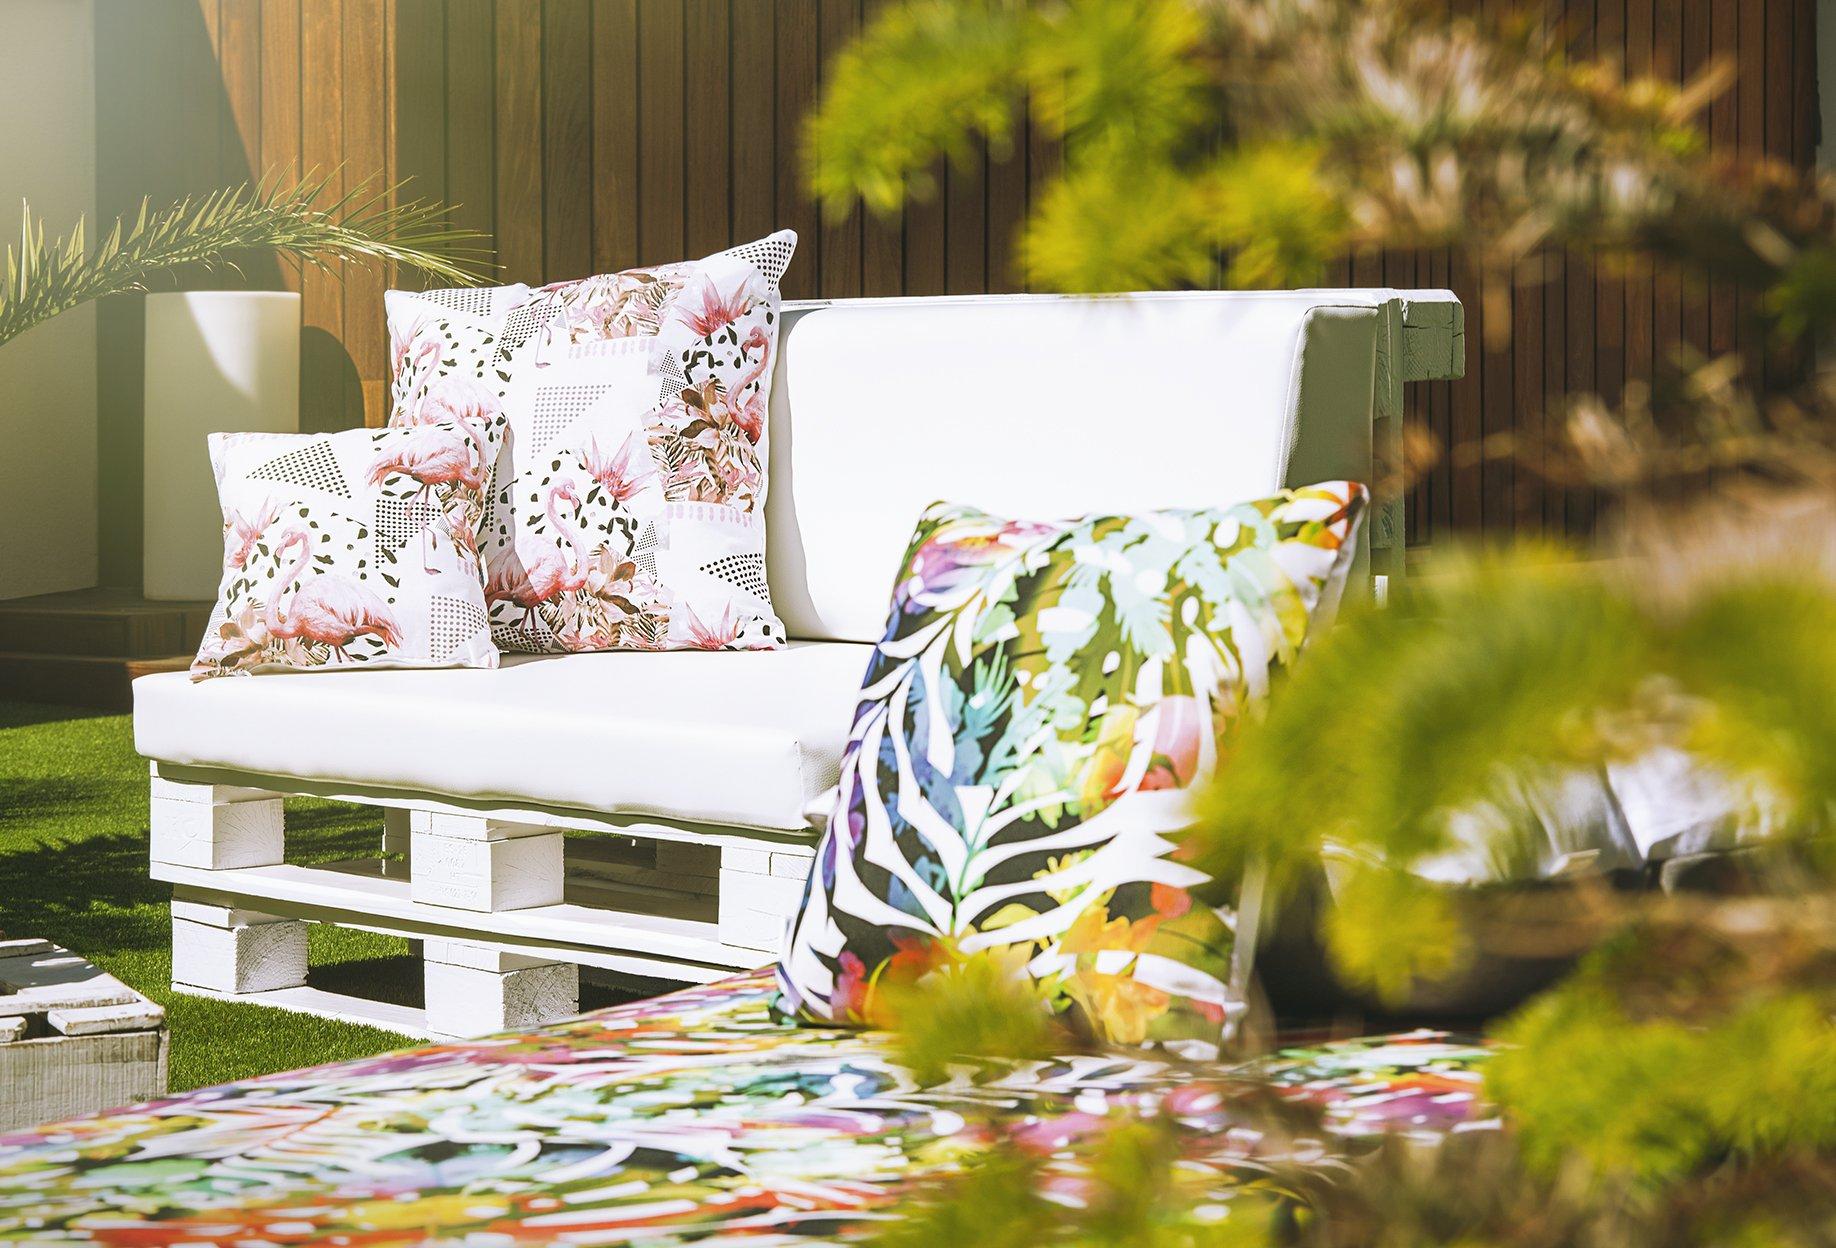 SUENOSZZZ-ESPECIALISTAS DEL DESCANSO Sofa PALETS Madera para Jardin sin Barniz con colchonetas de Polipiel Color Blanco. Palets Europeos con Respaldo y Asiento: Amazon.es: Jardín